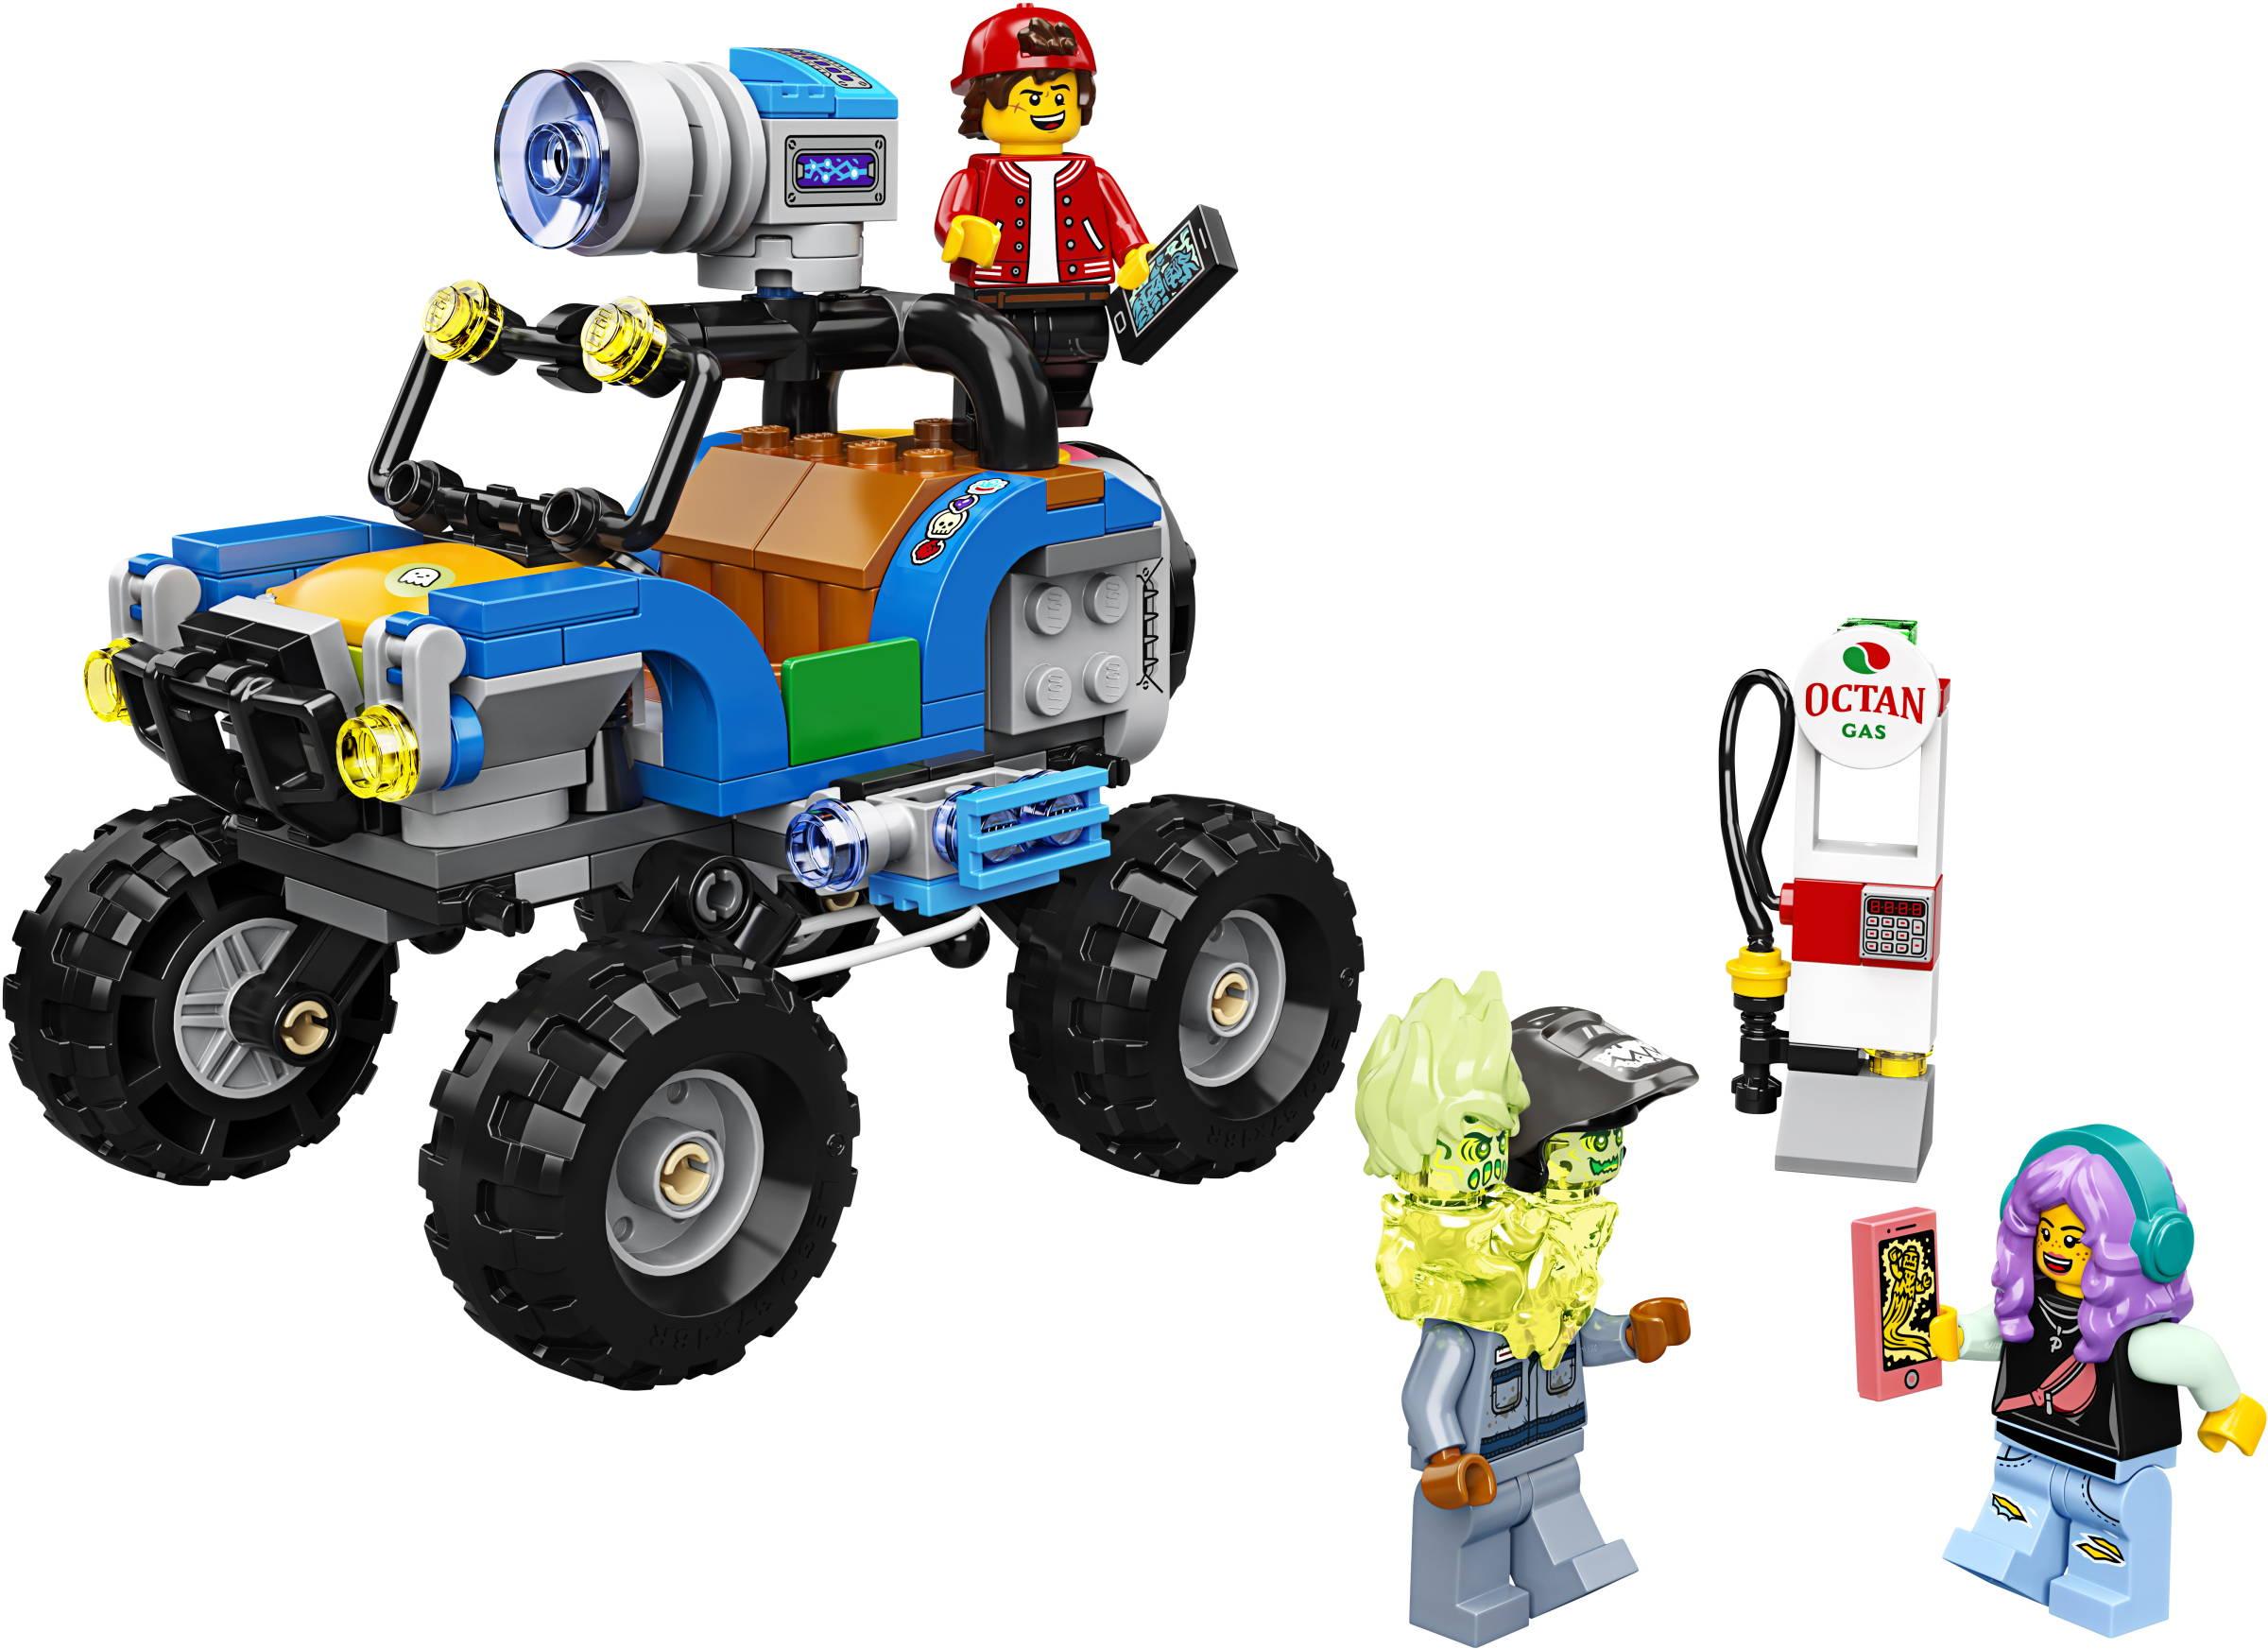 LEGO 70428-1: Jack's Beach Buggy